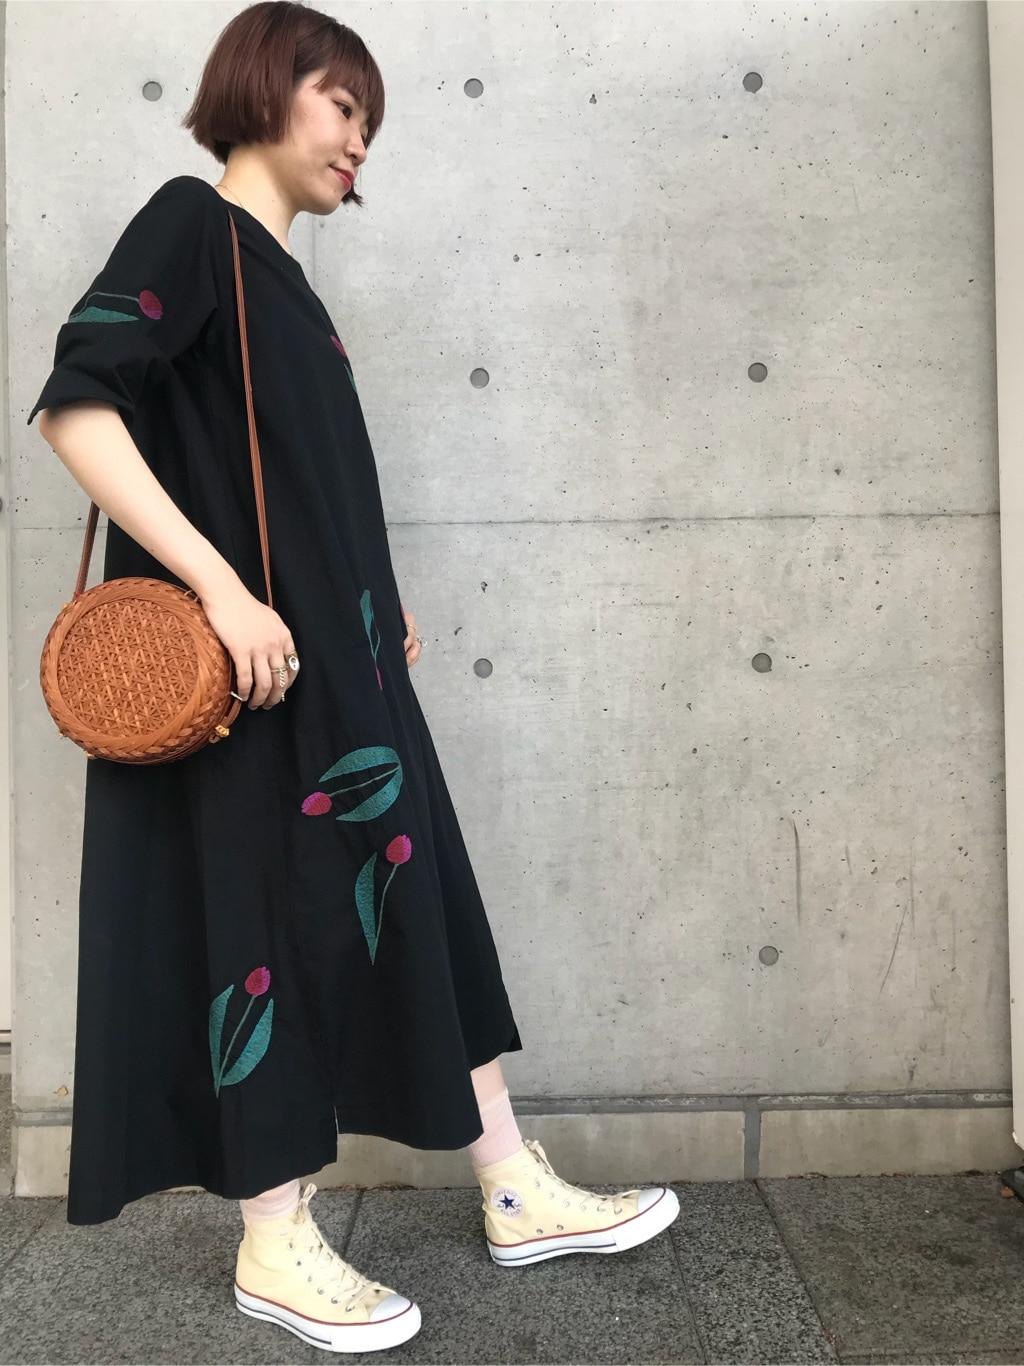 l'atelier du savon 東京スカイツリータウン・ソラマチ 身長:162cm 2020.06.18